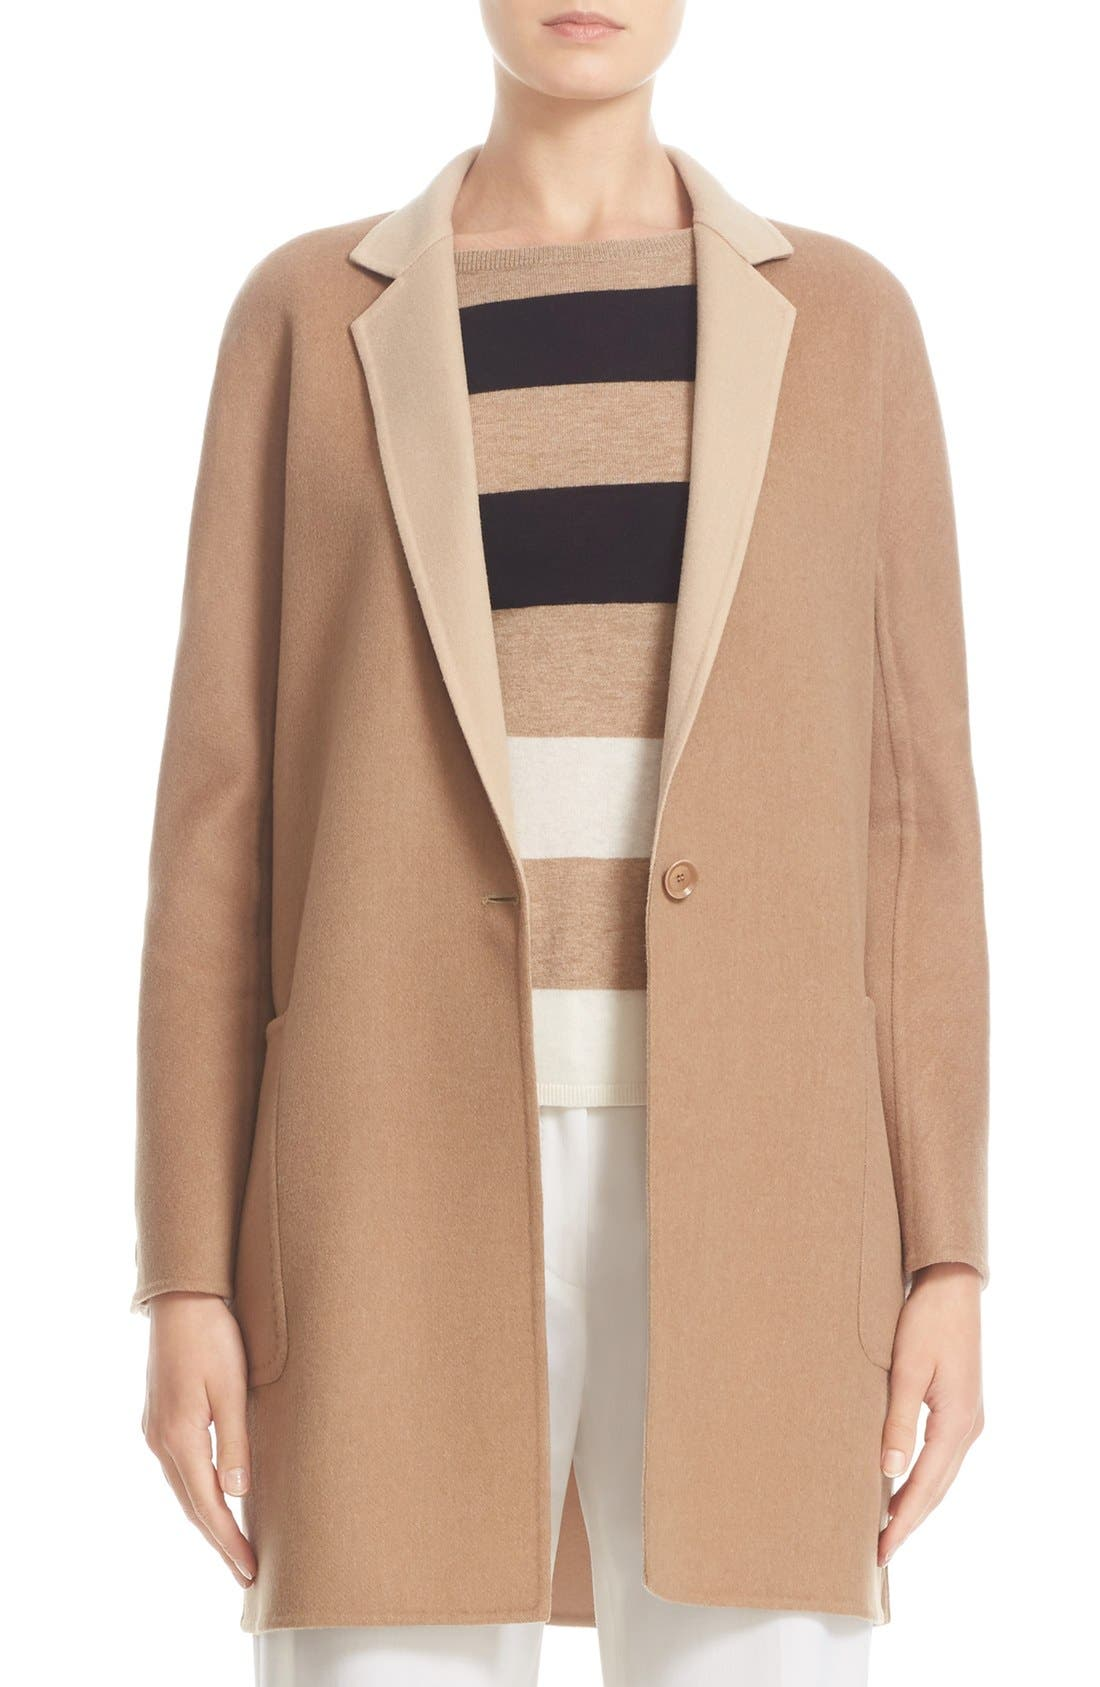 MAX MARA Lillo Wool & Cashmere Bicolor Coat